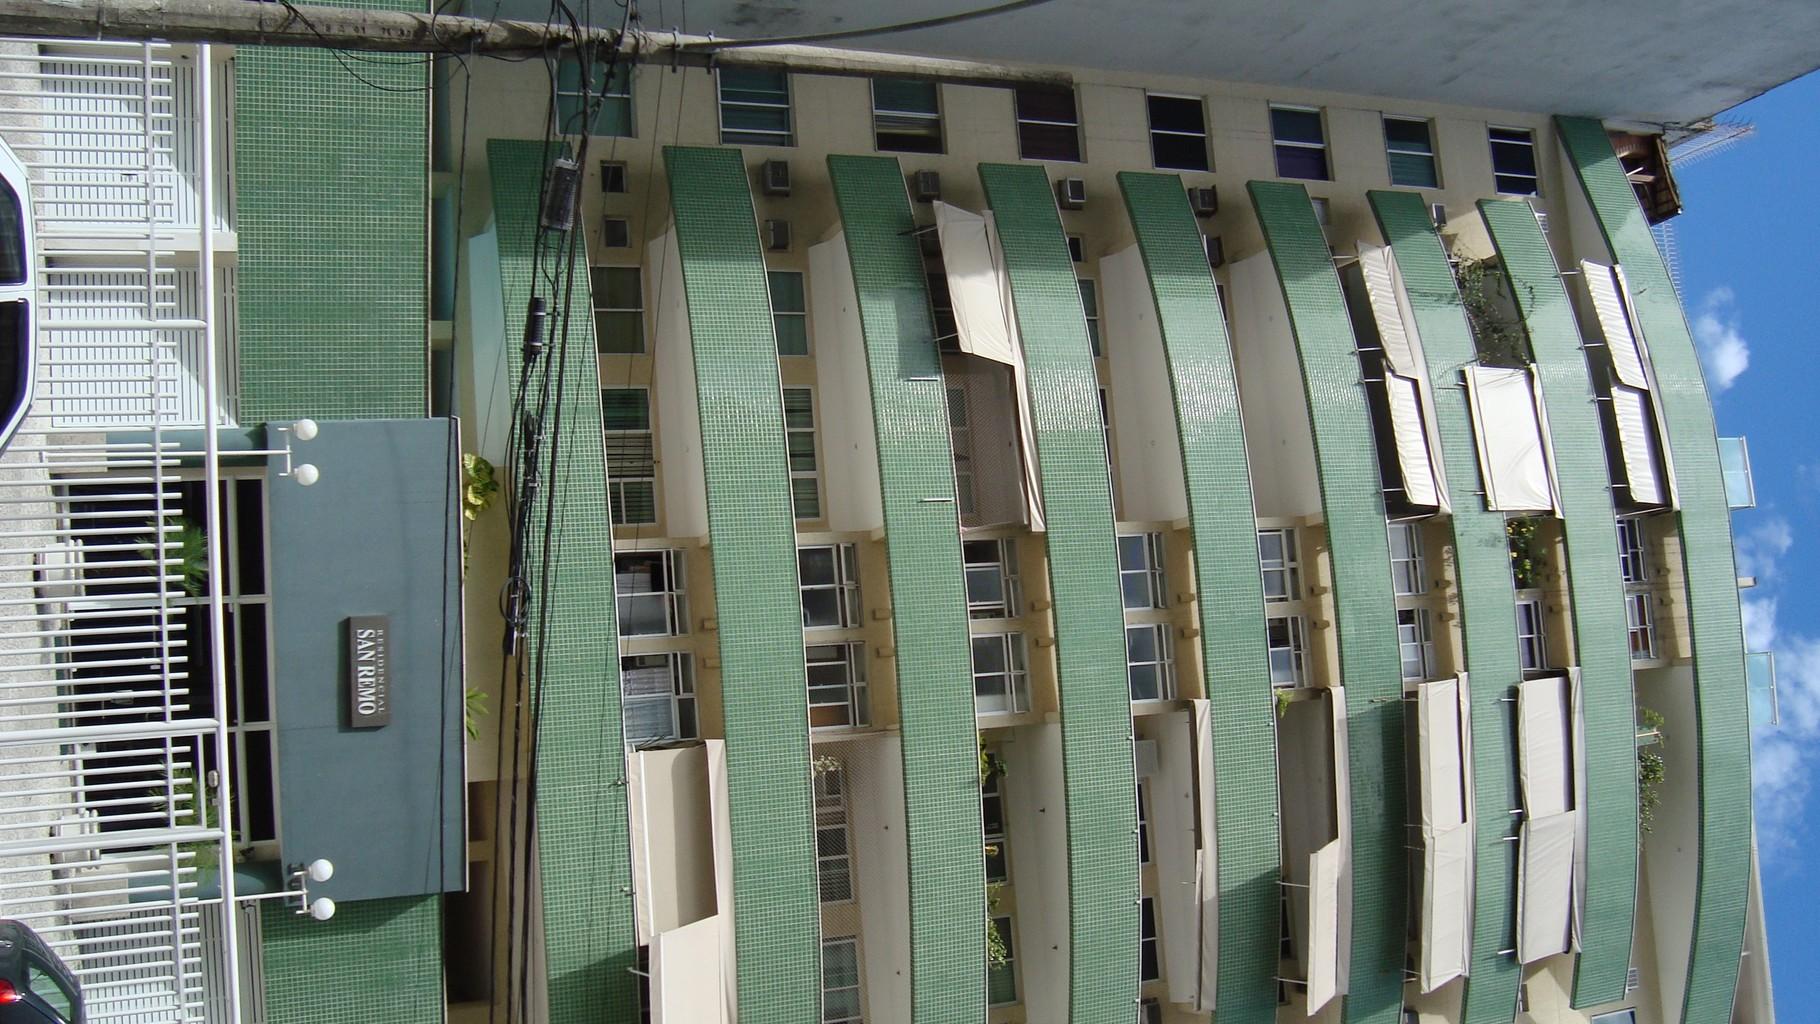 alquilo-piso-nuevo-amueblado-rio-de-janeiro-brasil-d9eb960971b2ac0cabf5941492779e0e